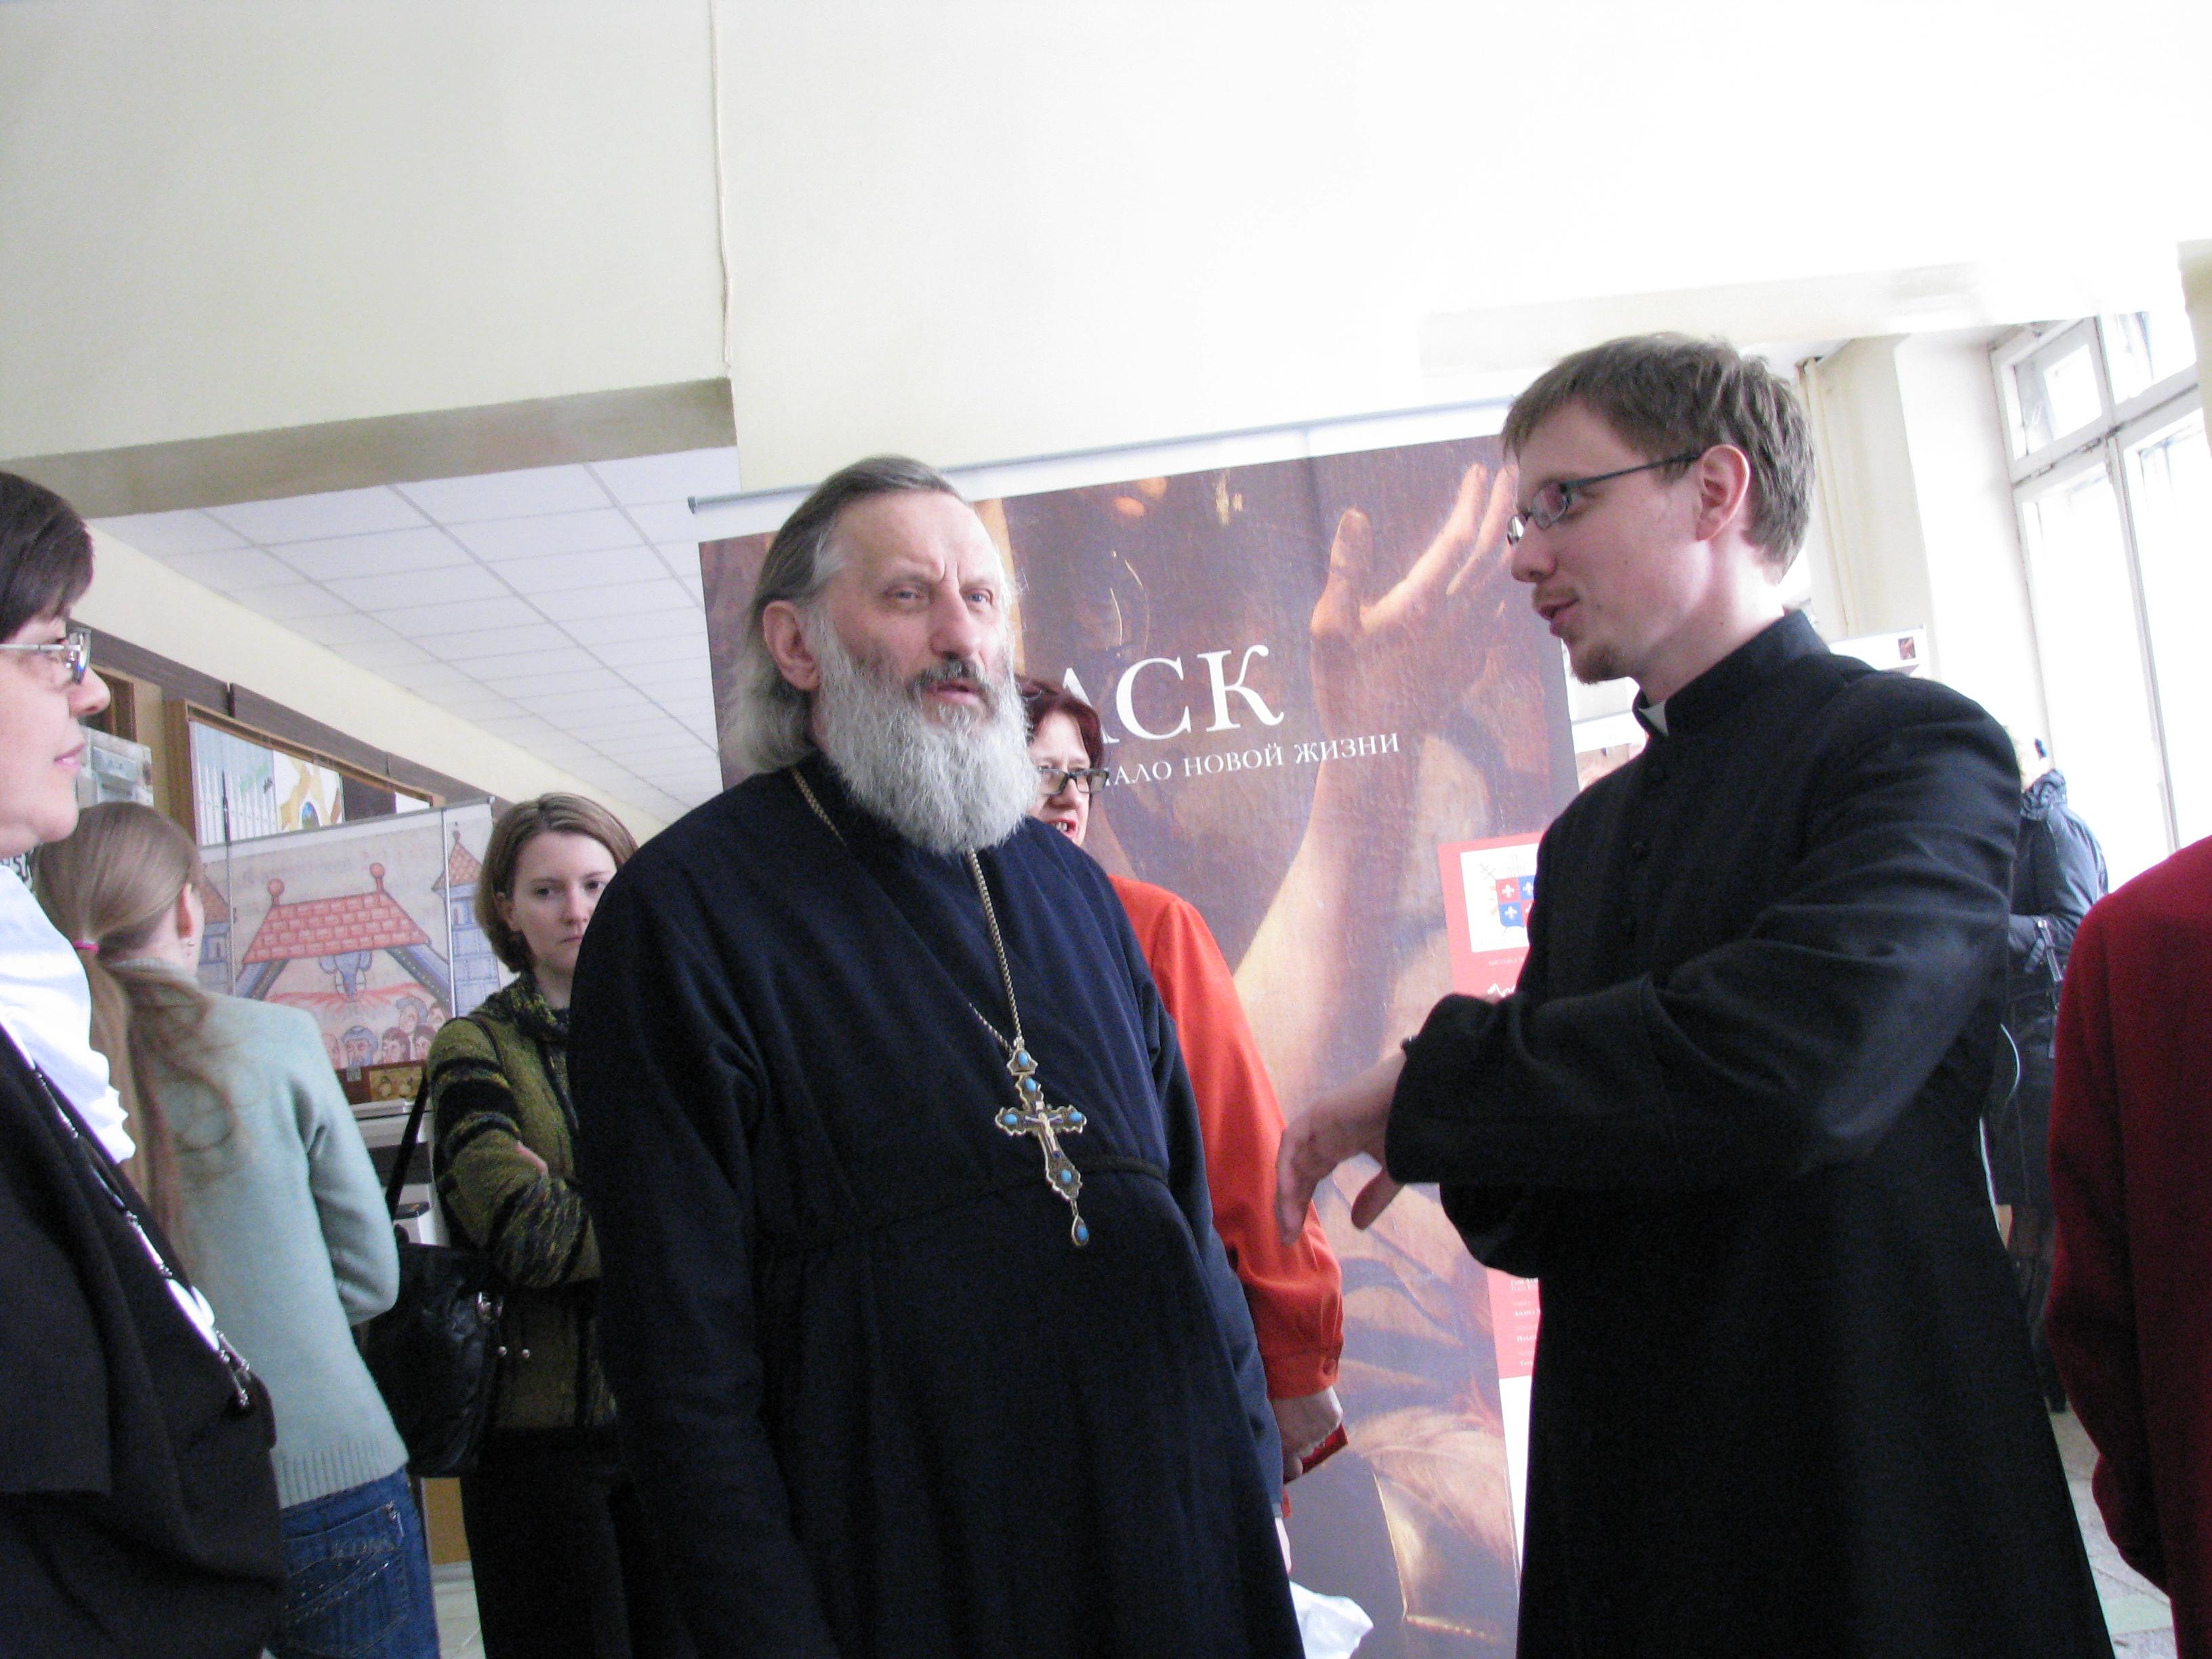 Nella foto: Padre Georgij Gorbaciuik, rettore del seminario ortodosso della diocesi di Vladimir